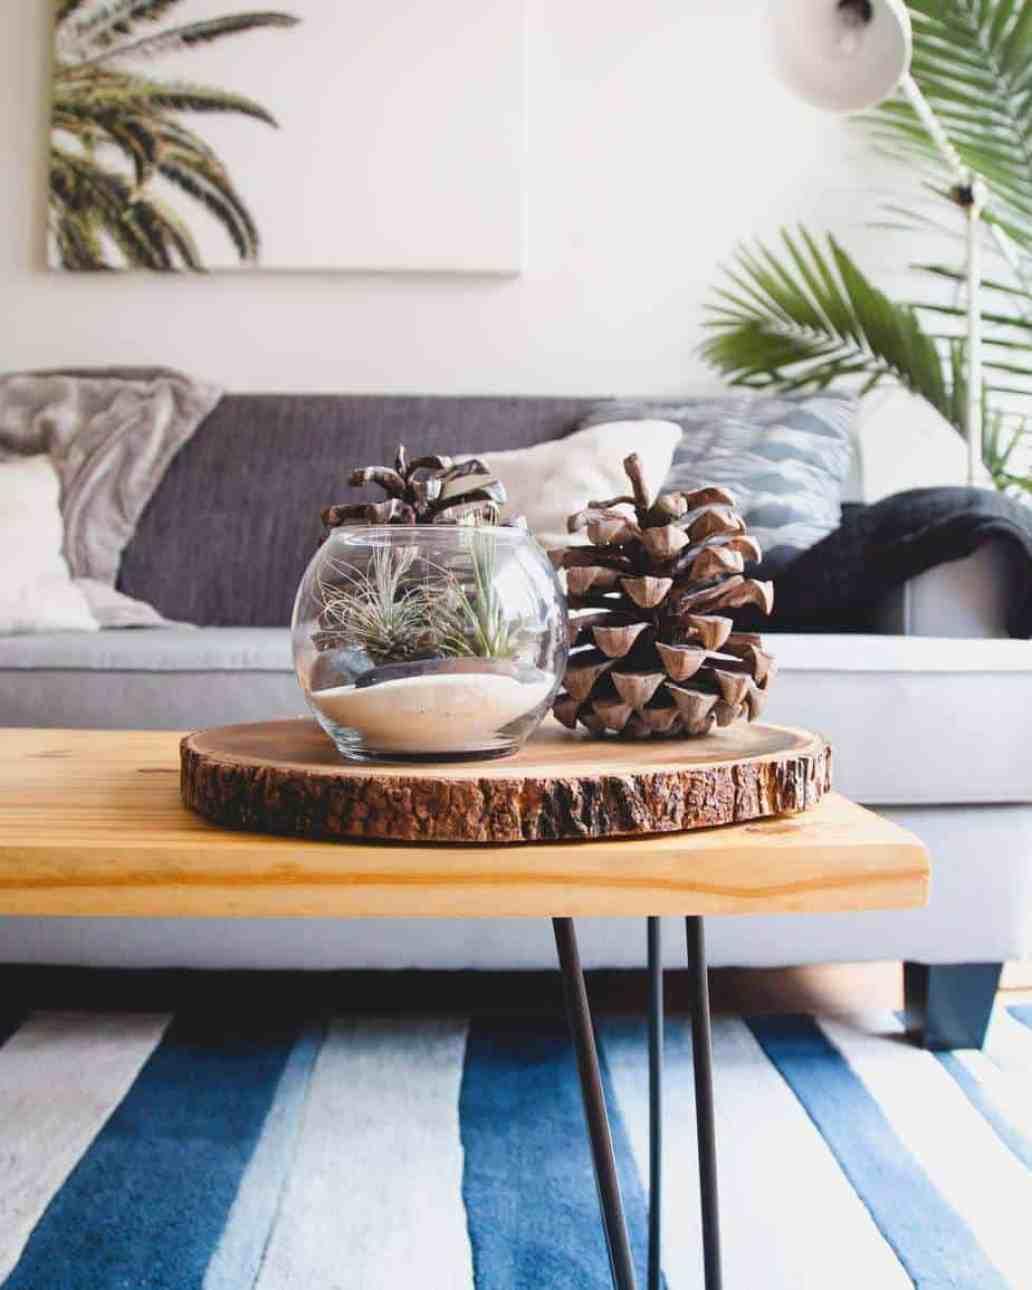 dane deaner 272375 unsplash 2 1638x2048 - DIY déco : comment décorer son intérieur sans engager un designer ?